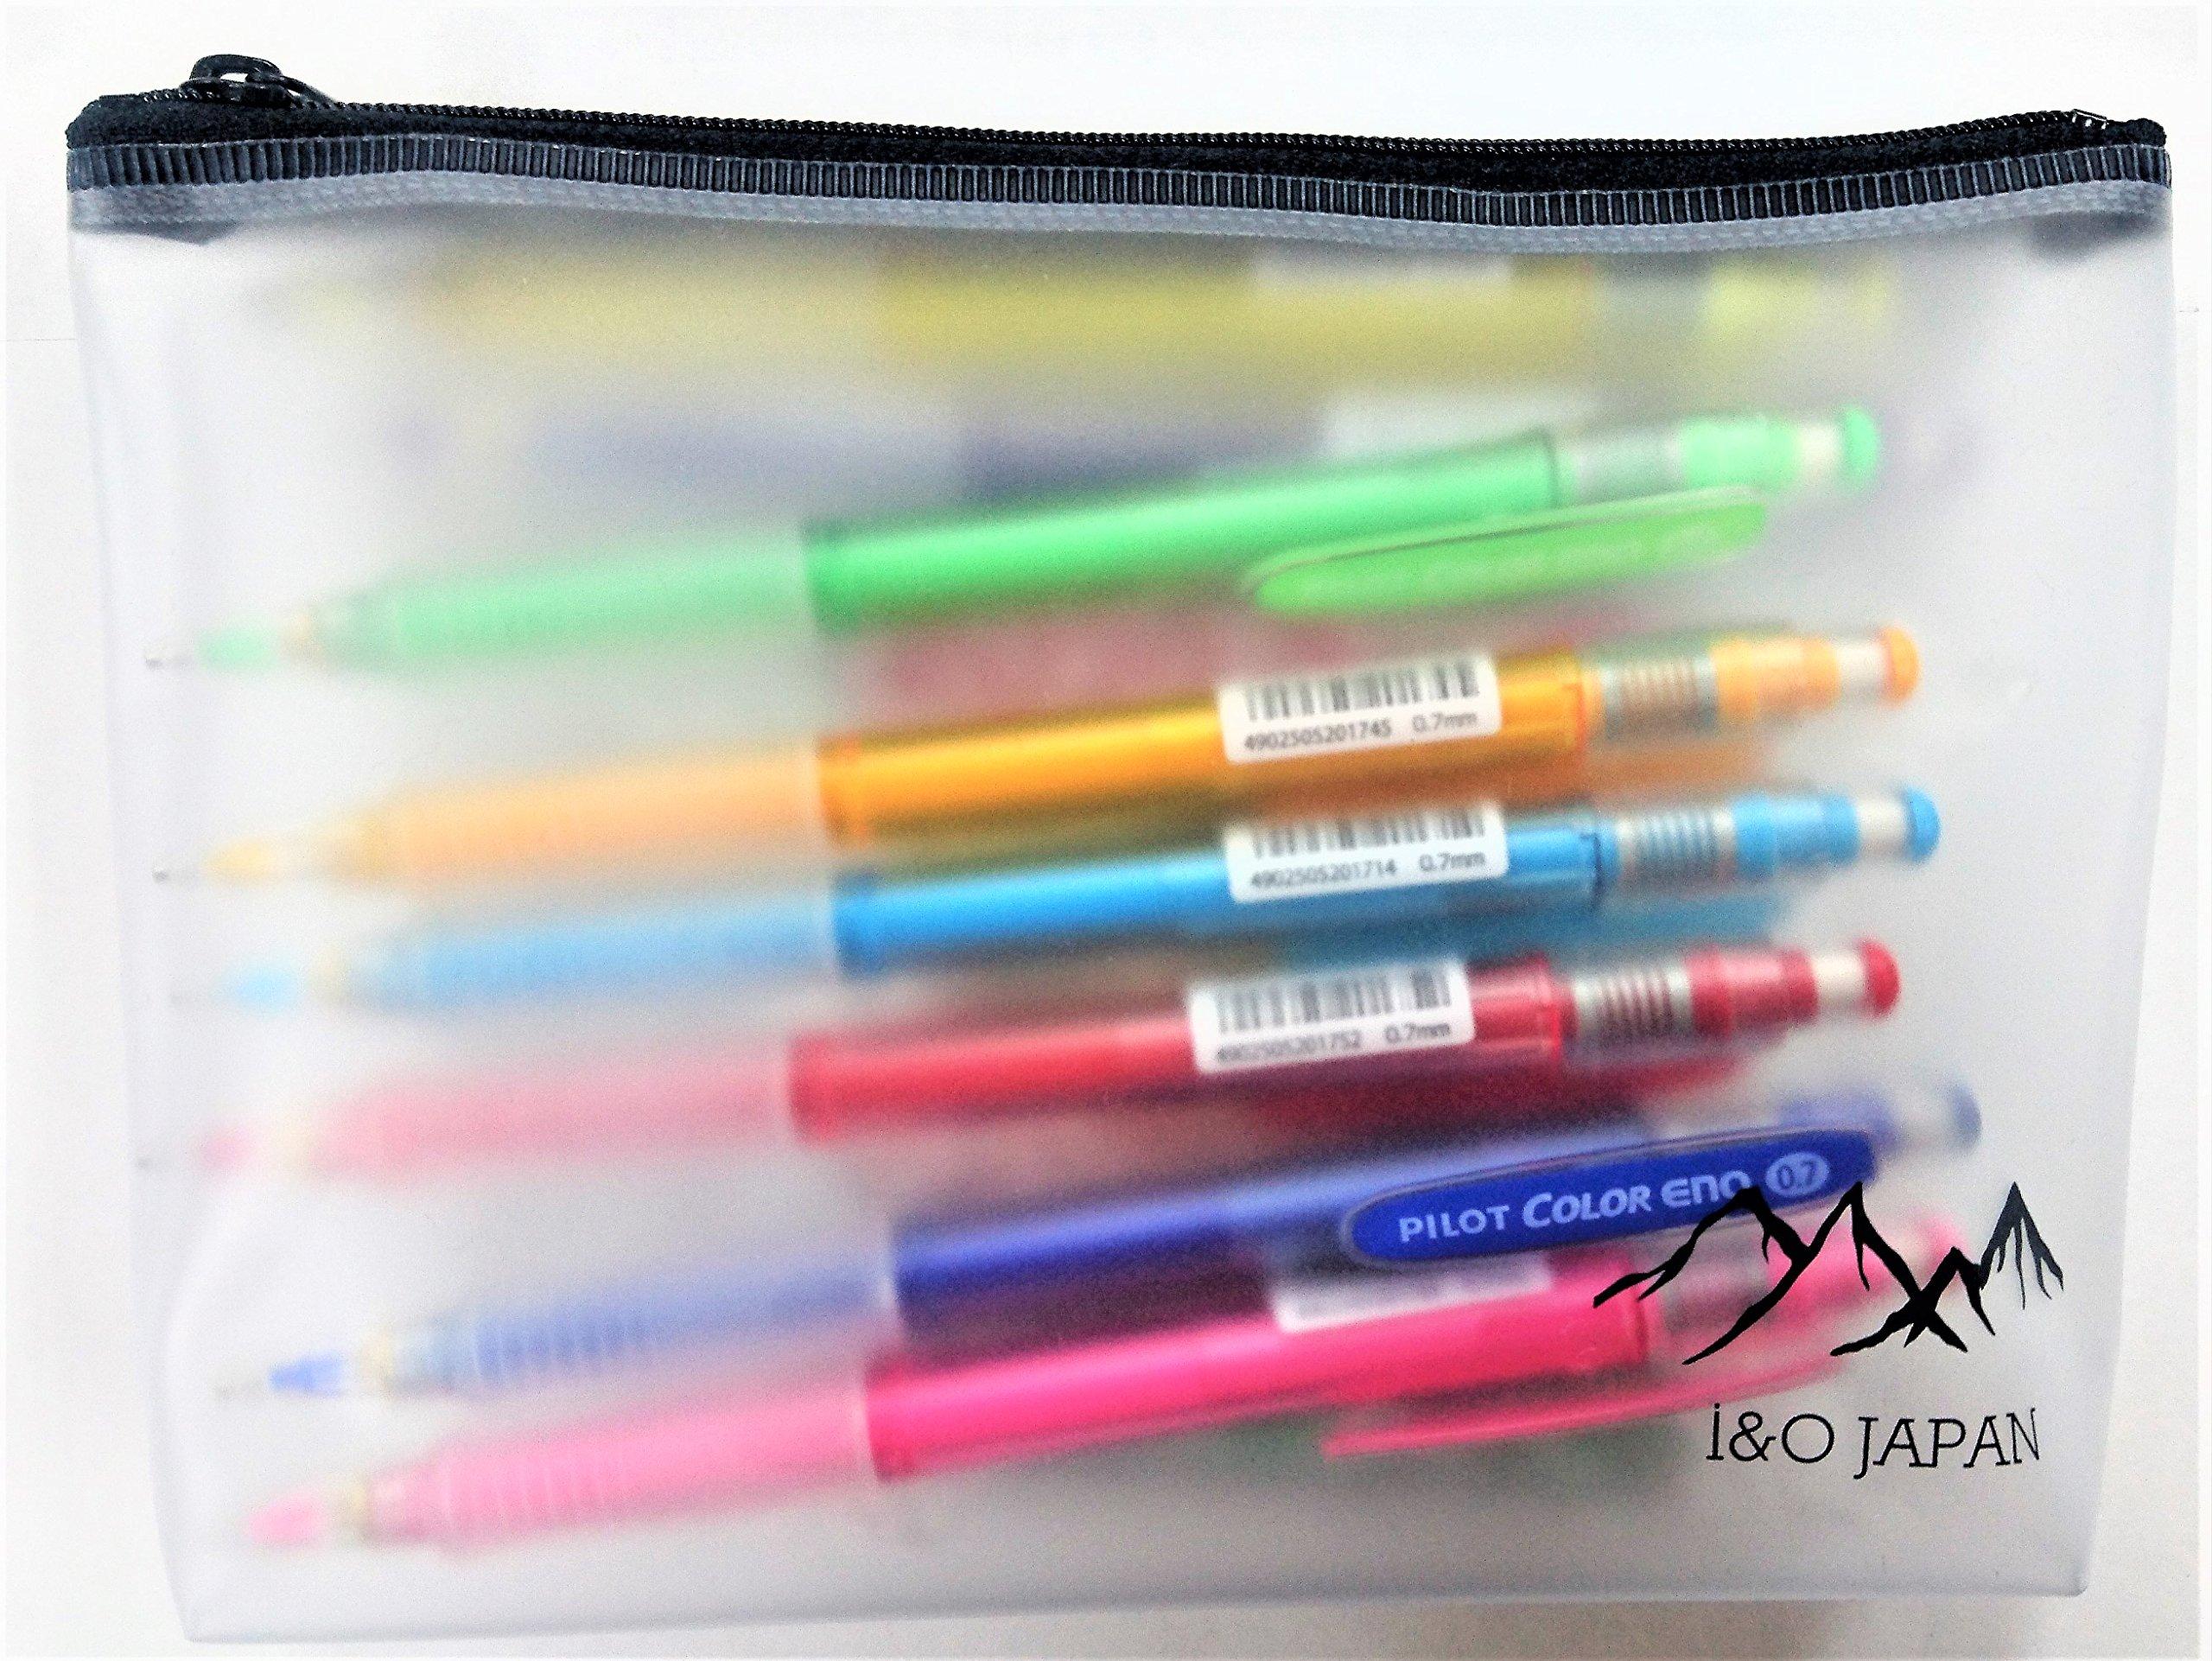 Pilot Color Eno 0.7mm Automatic Mechanical Pencil 8 Color & 0.7mm Lead Refill 8-Box Full Set with Original Vinyl Pen Case by Pilot (Image #2)